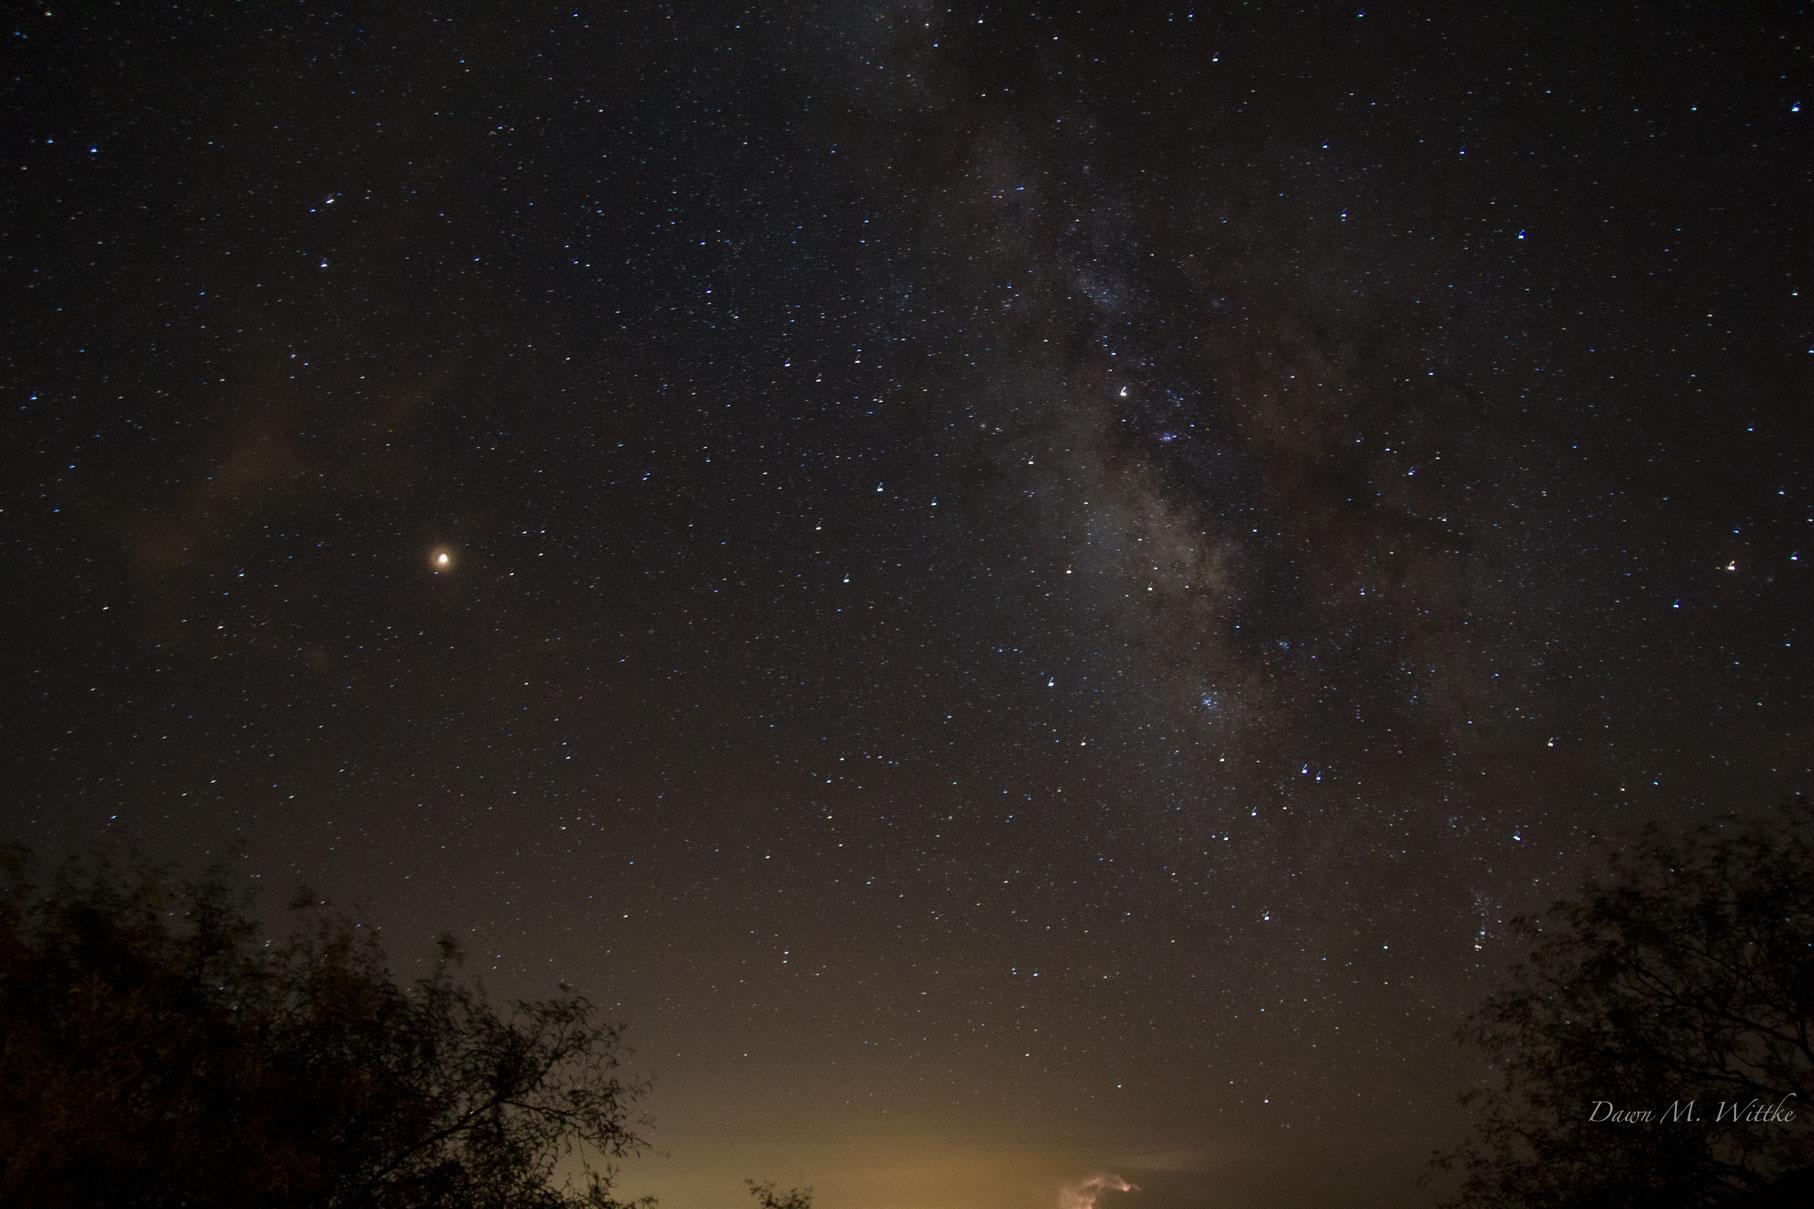 Milky Way & Mars    Photo by Dawn M. Wittke    Taken at Kartchner Caverns State Park, Arizona     .      .      .